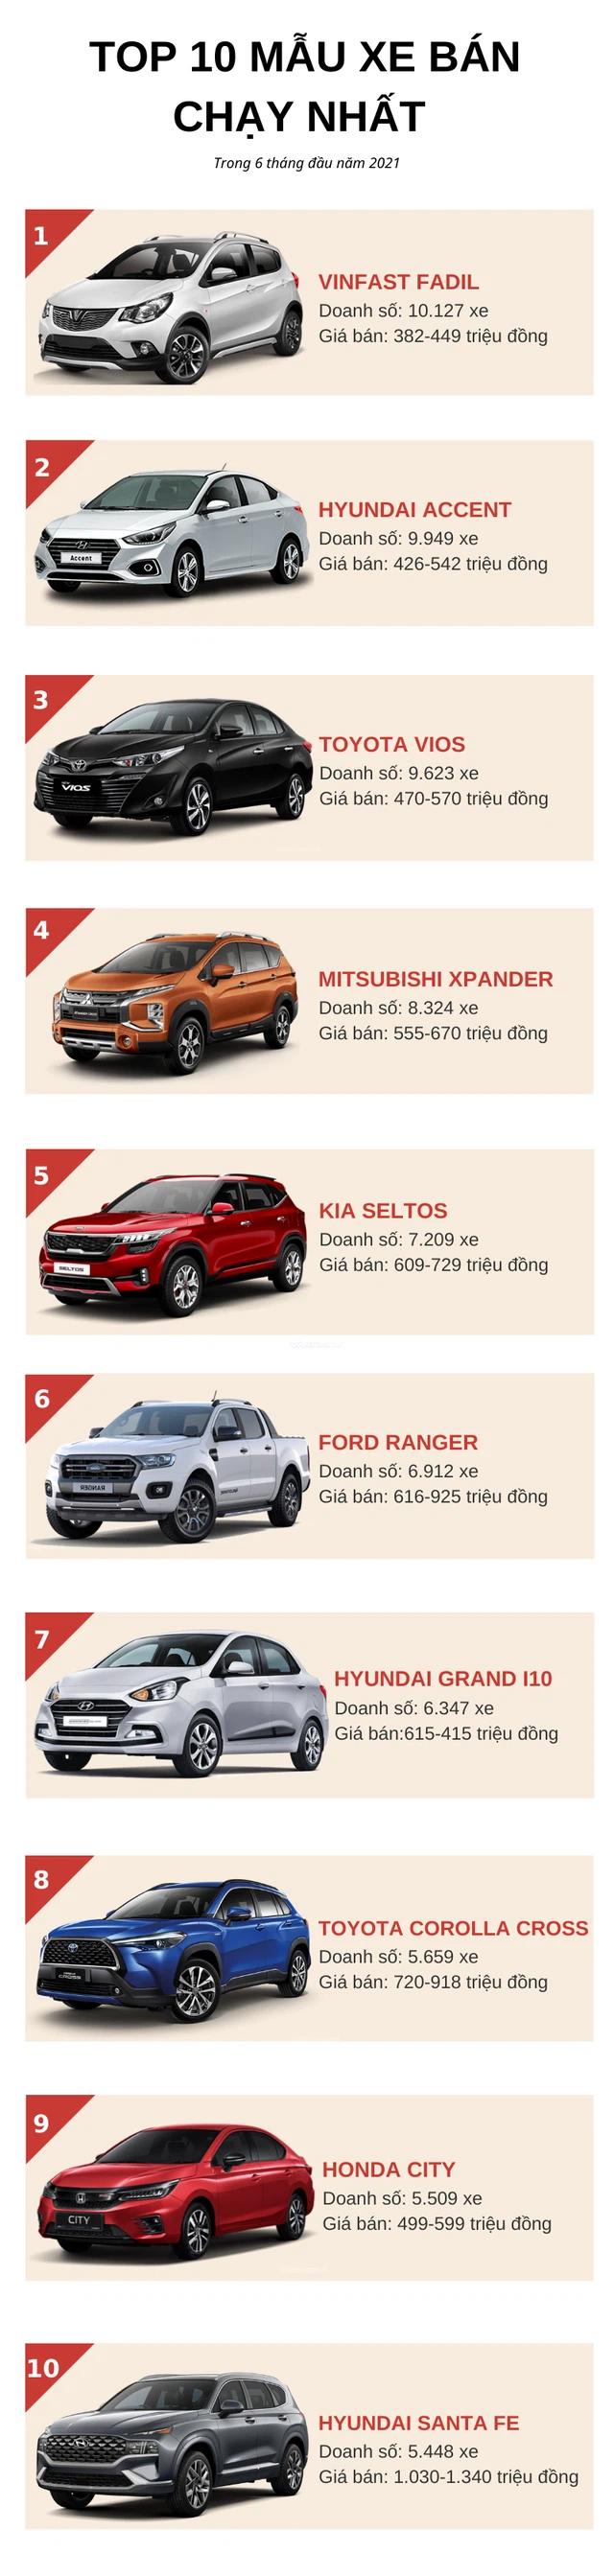 """10 ô tô bán chạy nhất Việt Nam nửa đầu năm 2021: Vinh danh VinFast Fadil, vua doanh số"""" đánh mất vị thế - Ảnh 1."""